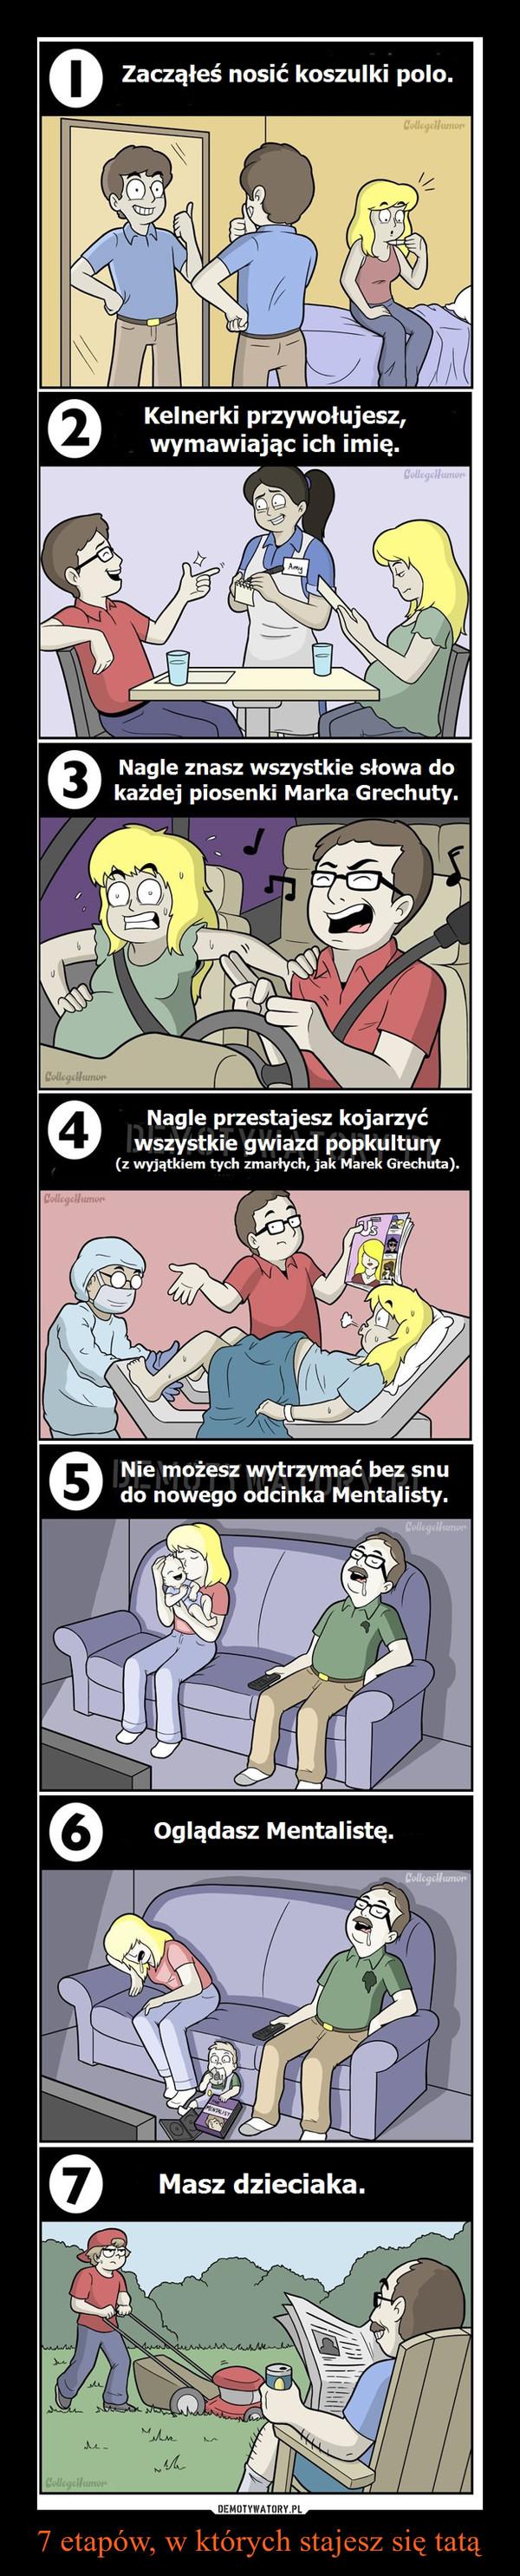 7 etapów, w których stajesz się tatą –